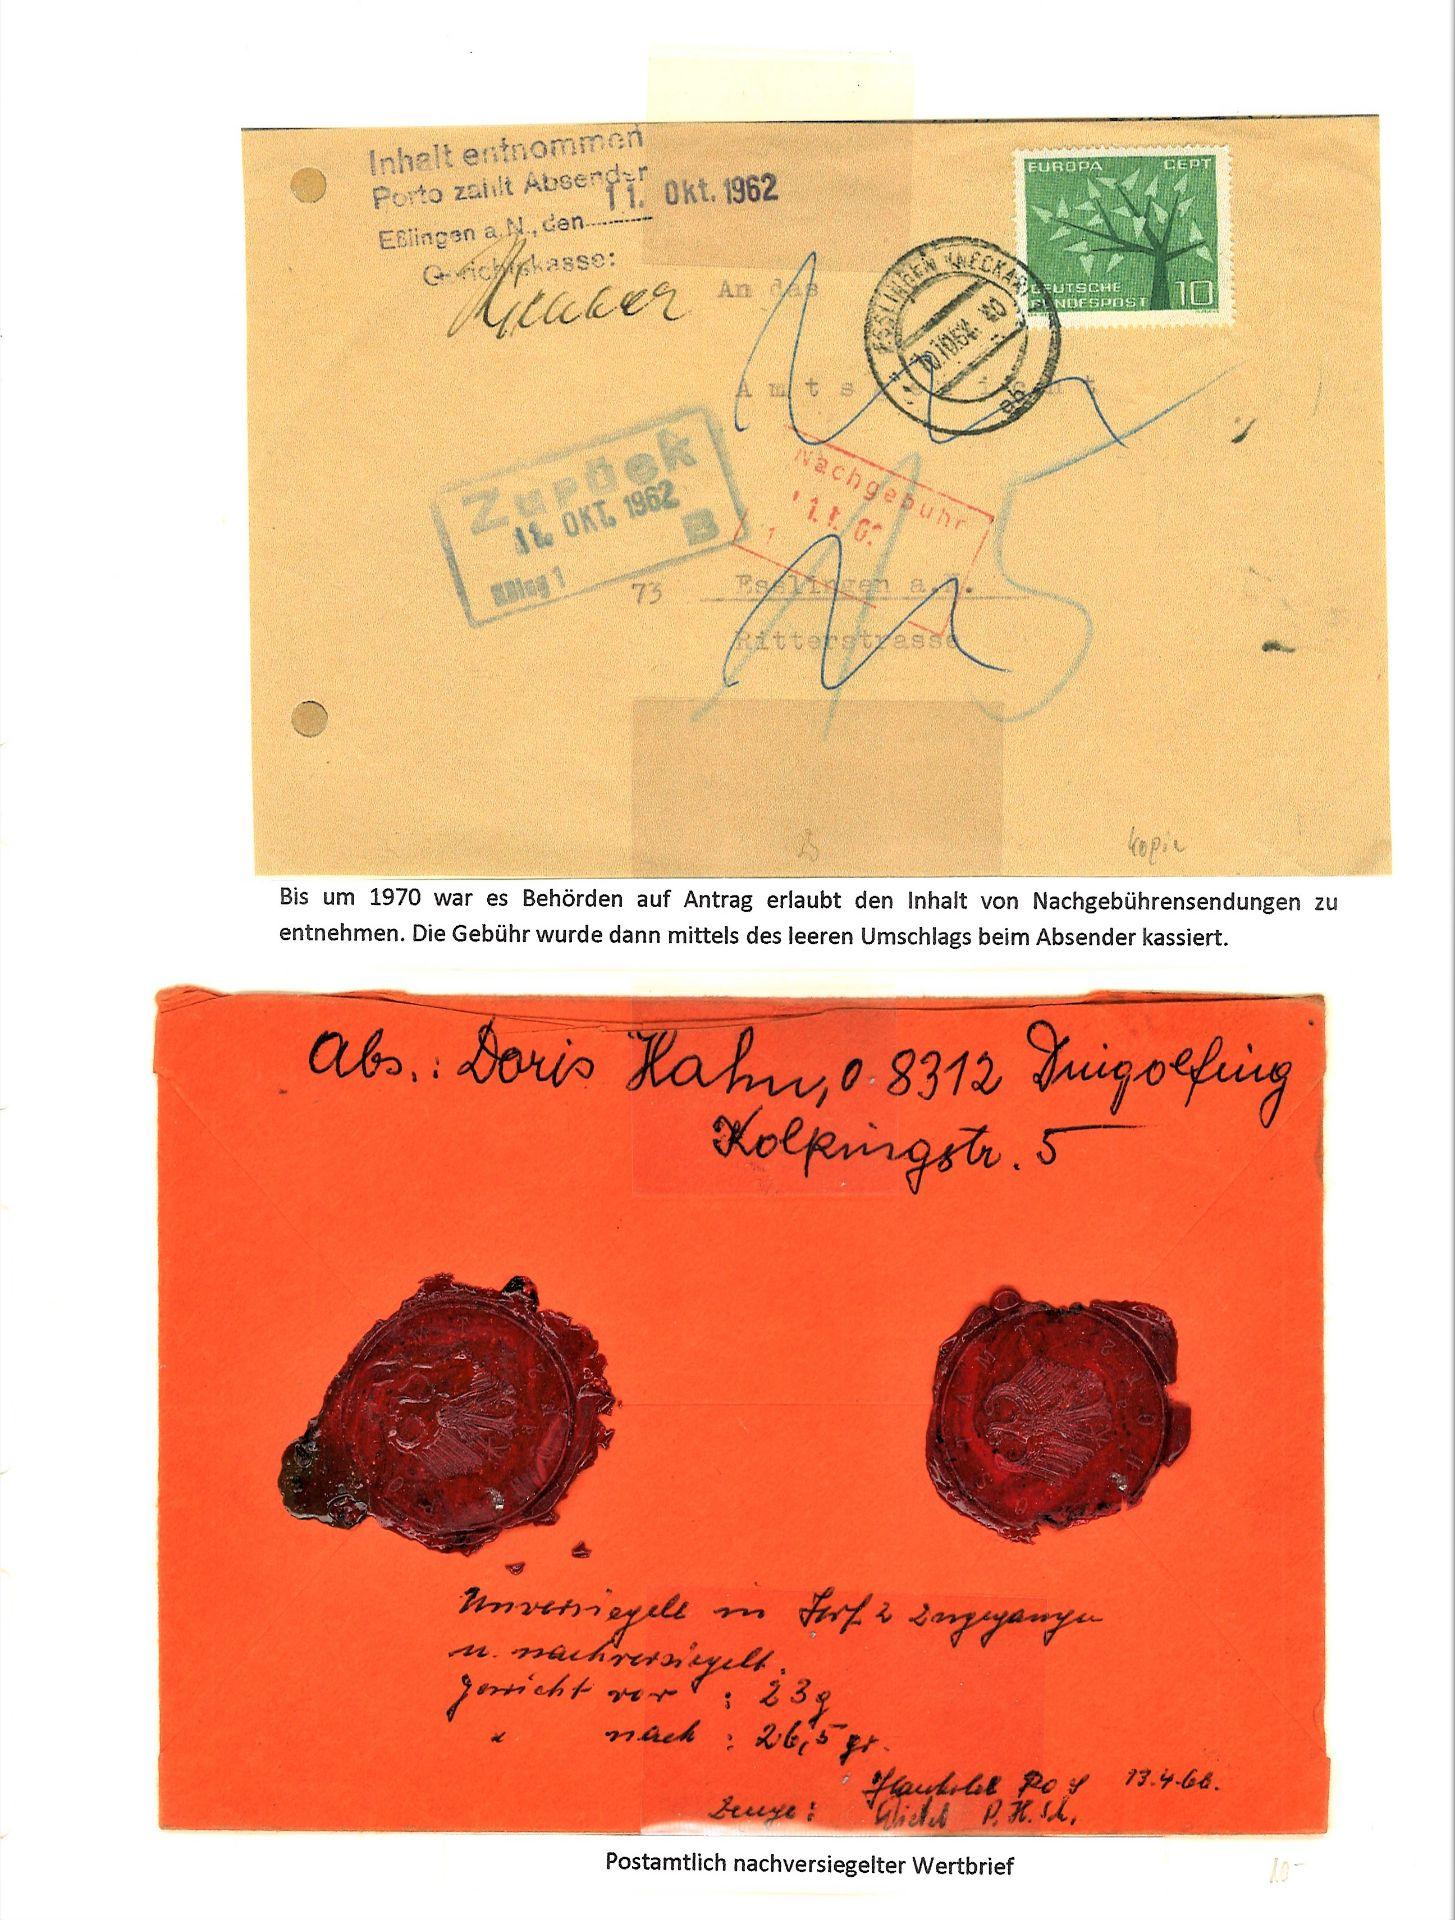 Blauer Leuchtturm Ringbinder mit 96 Blatt und 277 Belegen und 17 Verschlußmarken bzw. - Image 12 of 12